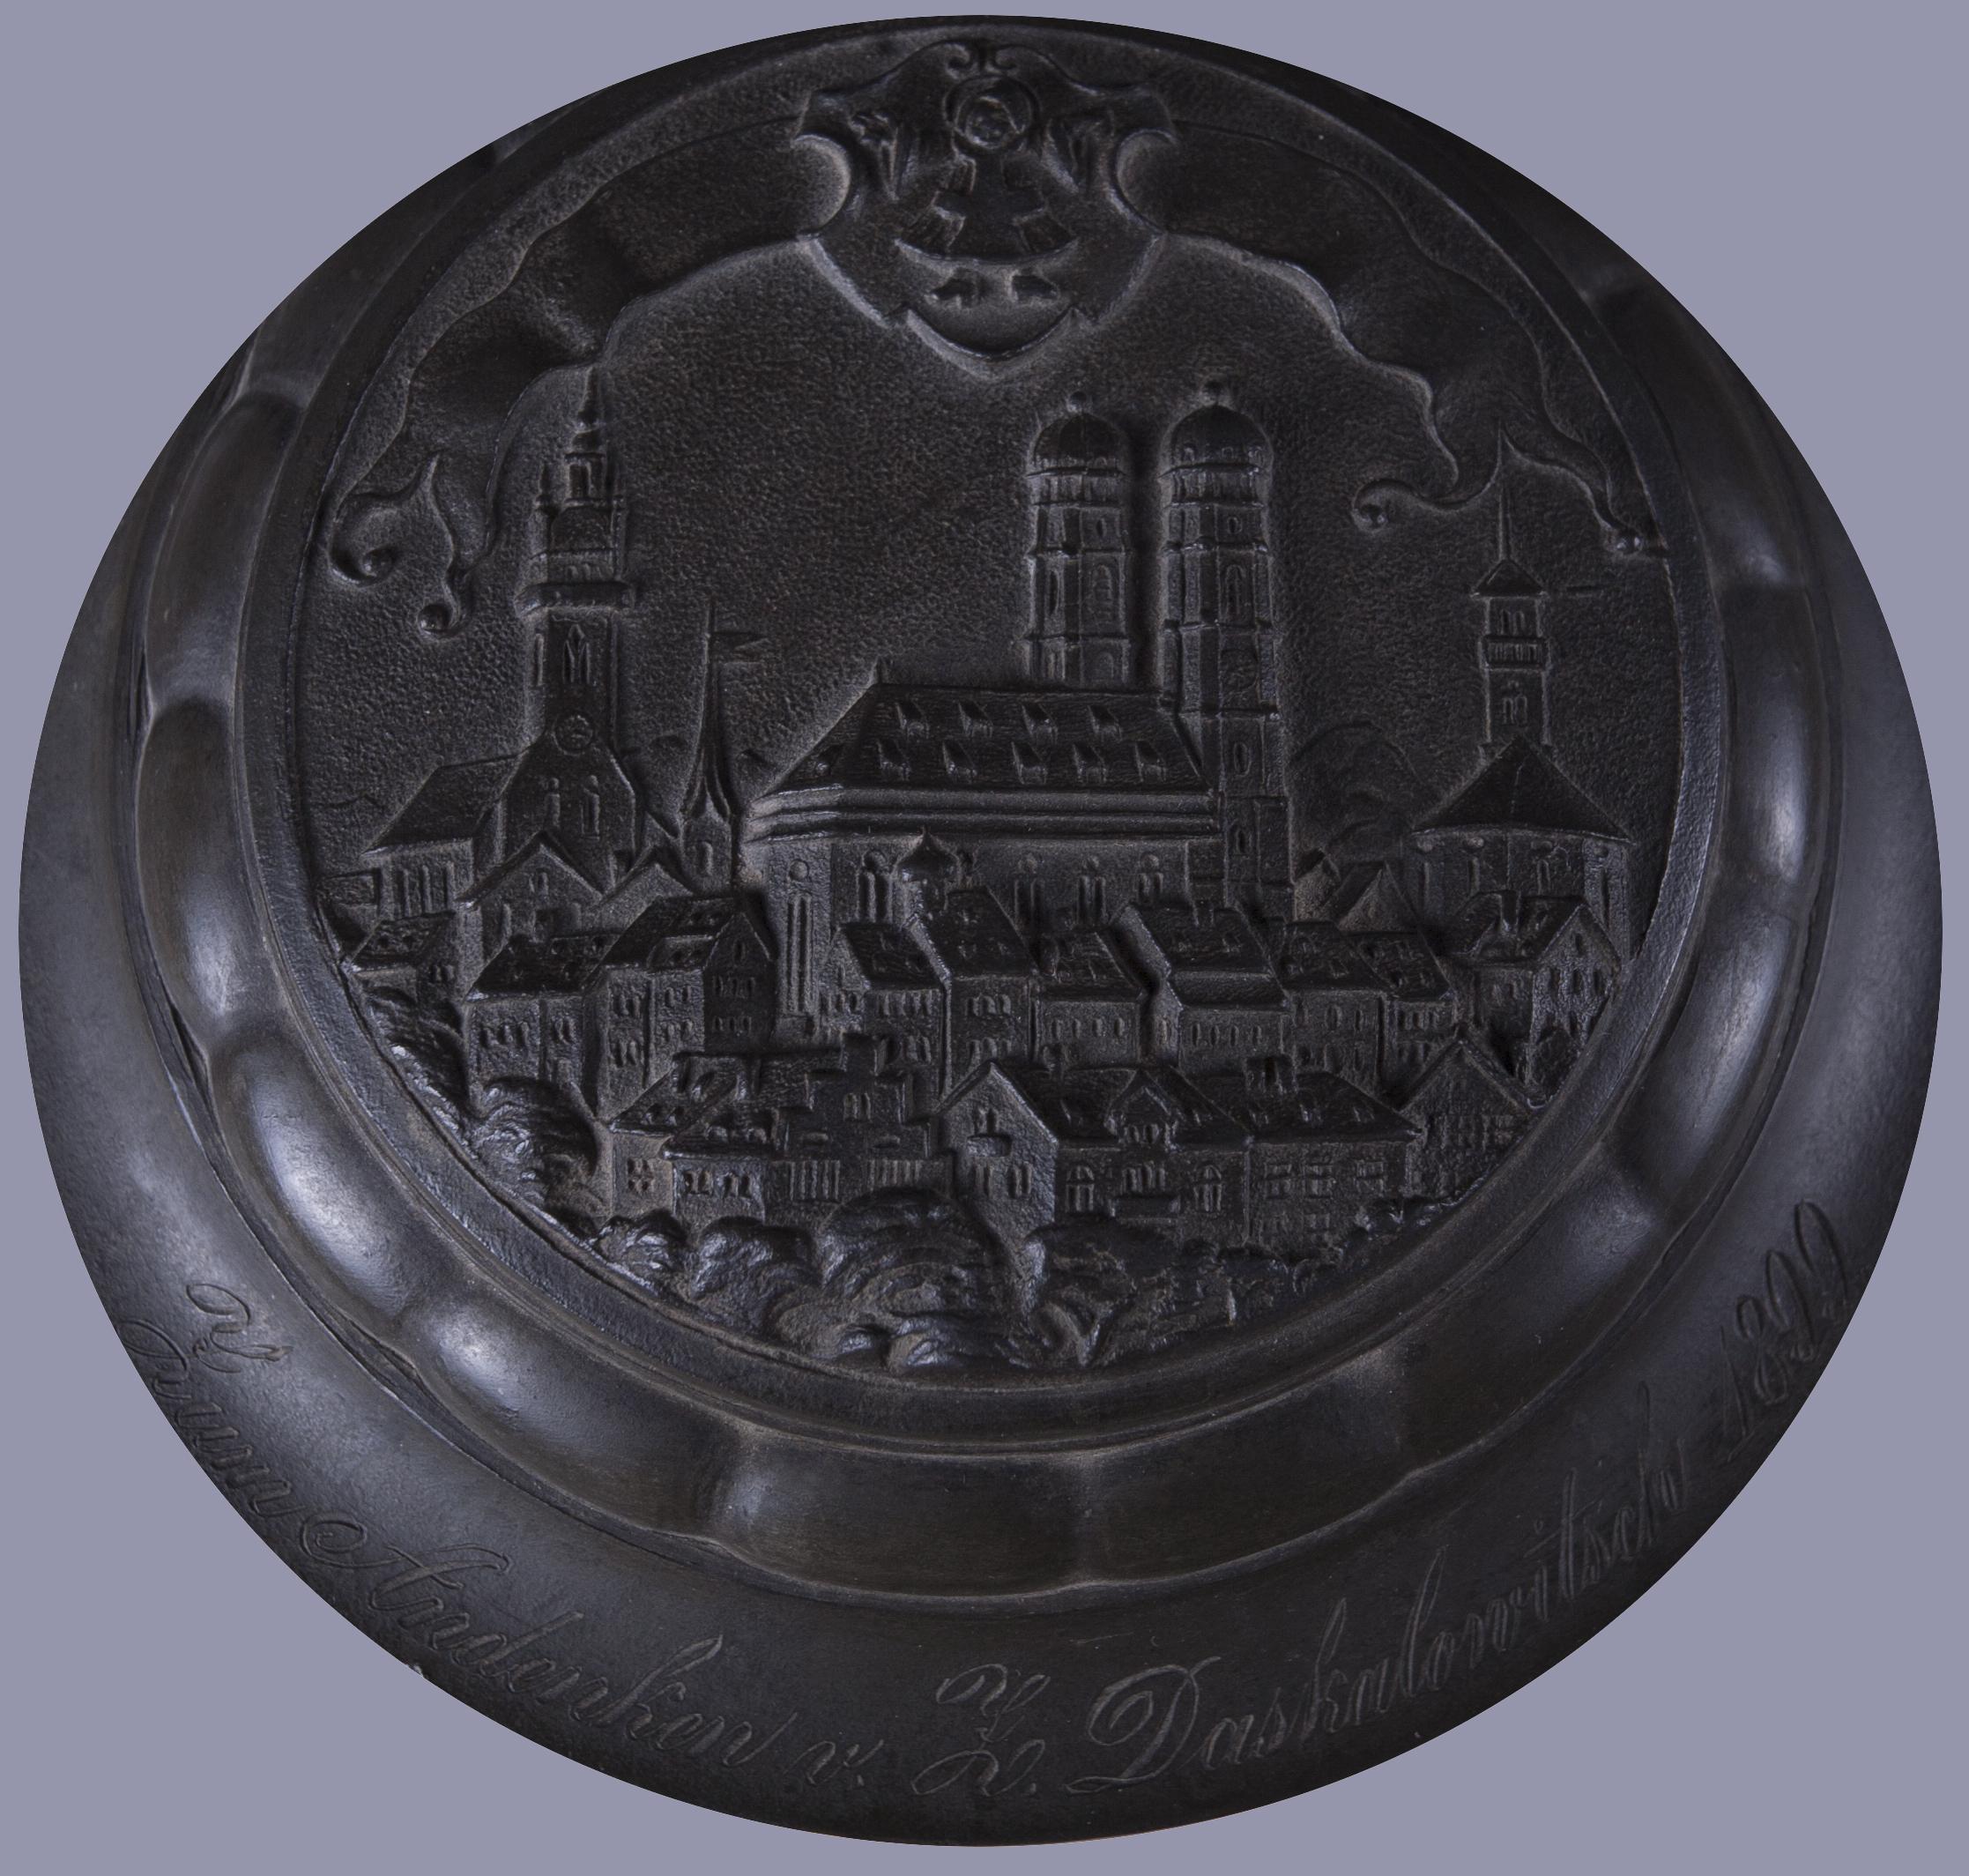 KUFEL VILLEROY & BOCH METTLACH, 1897